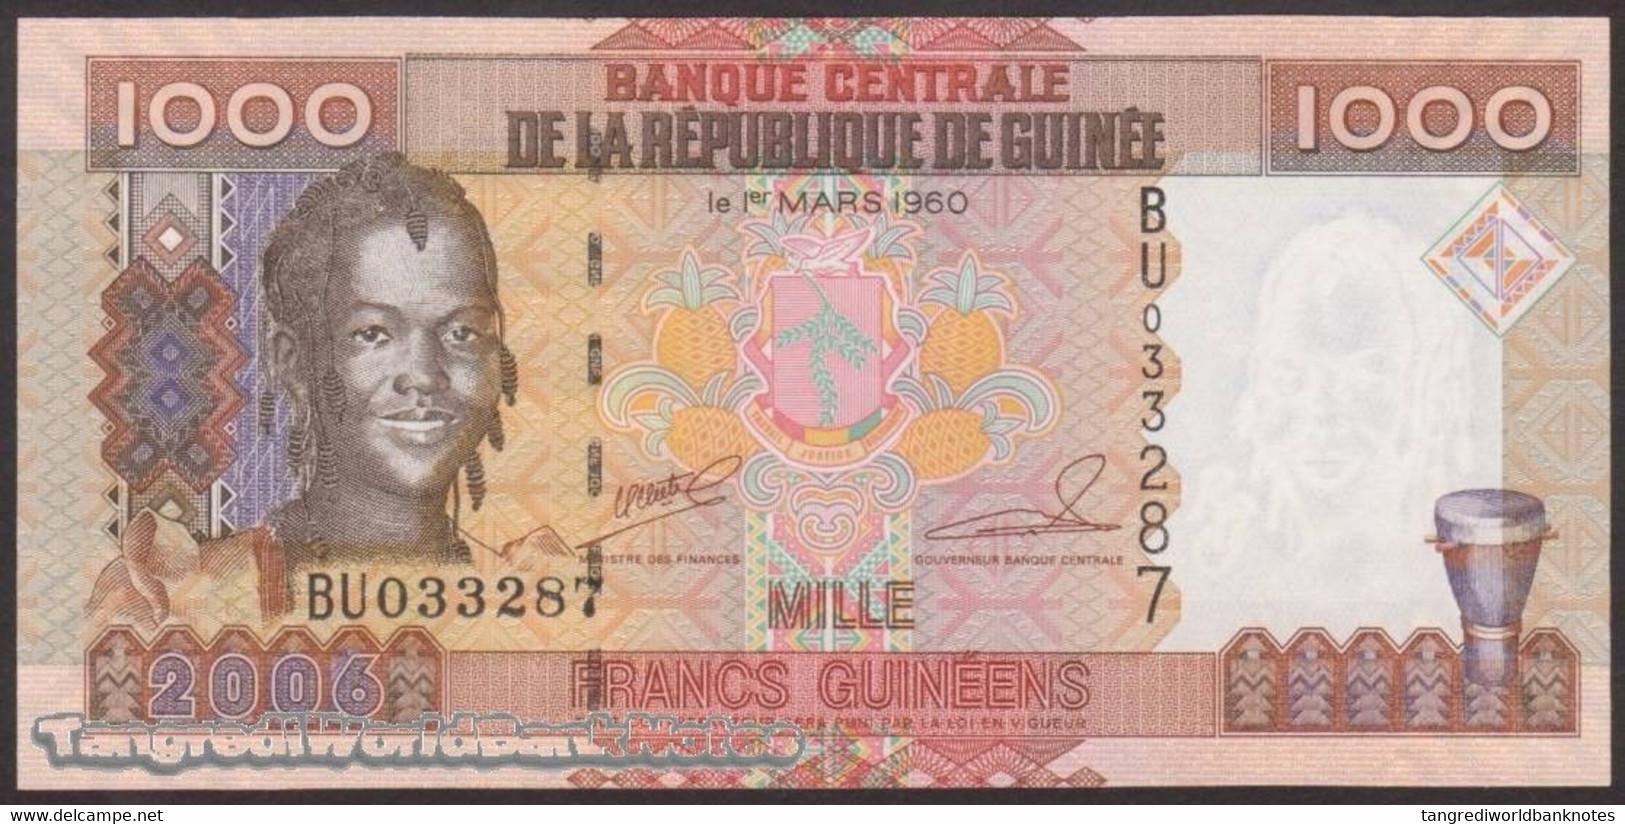 TWN - GUINEA 40 - 1000 1.000 Francs 2006 Prefix BU UNC - Guinee